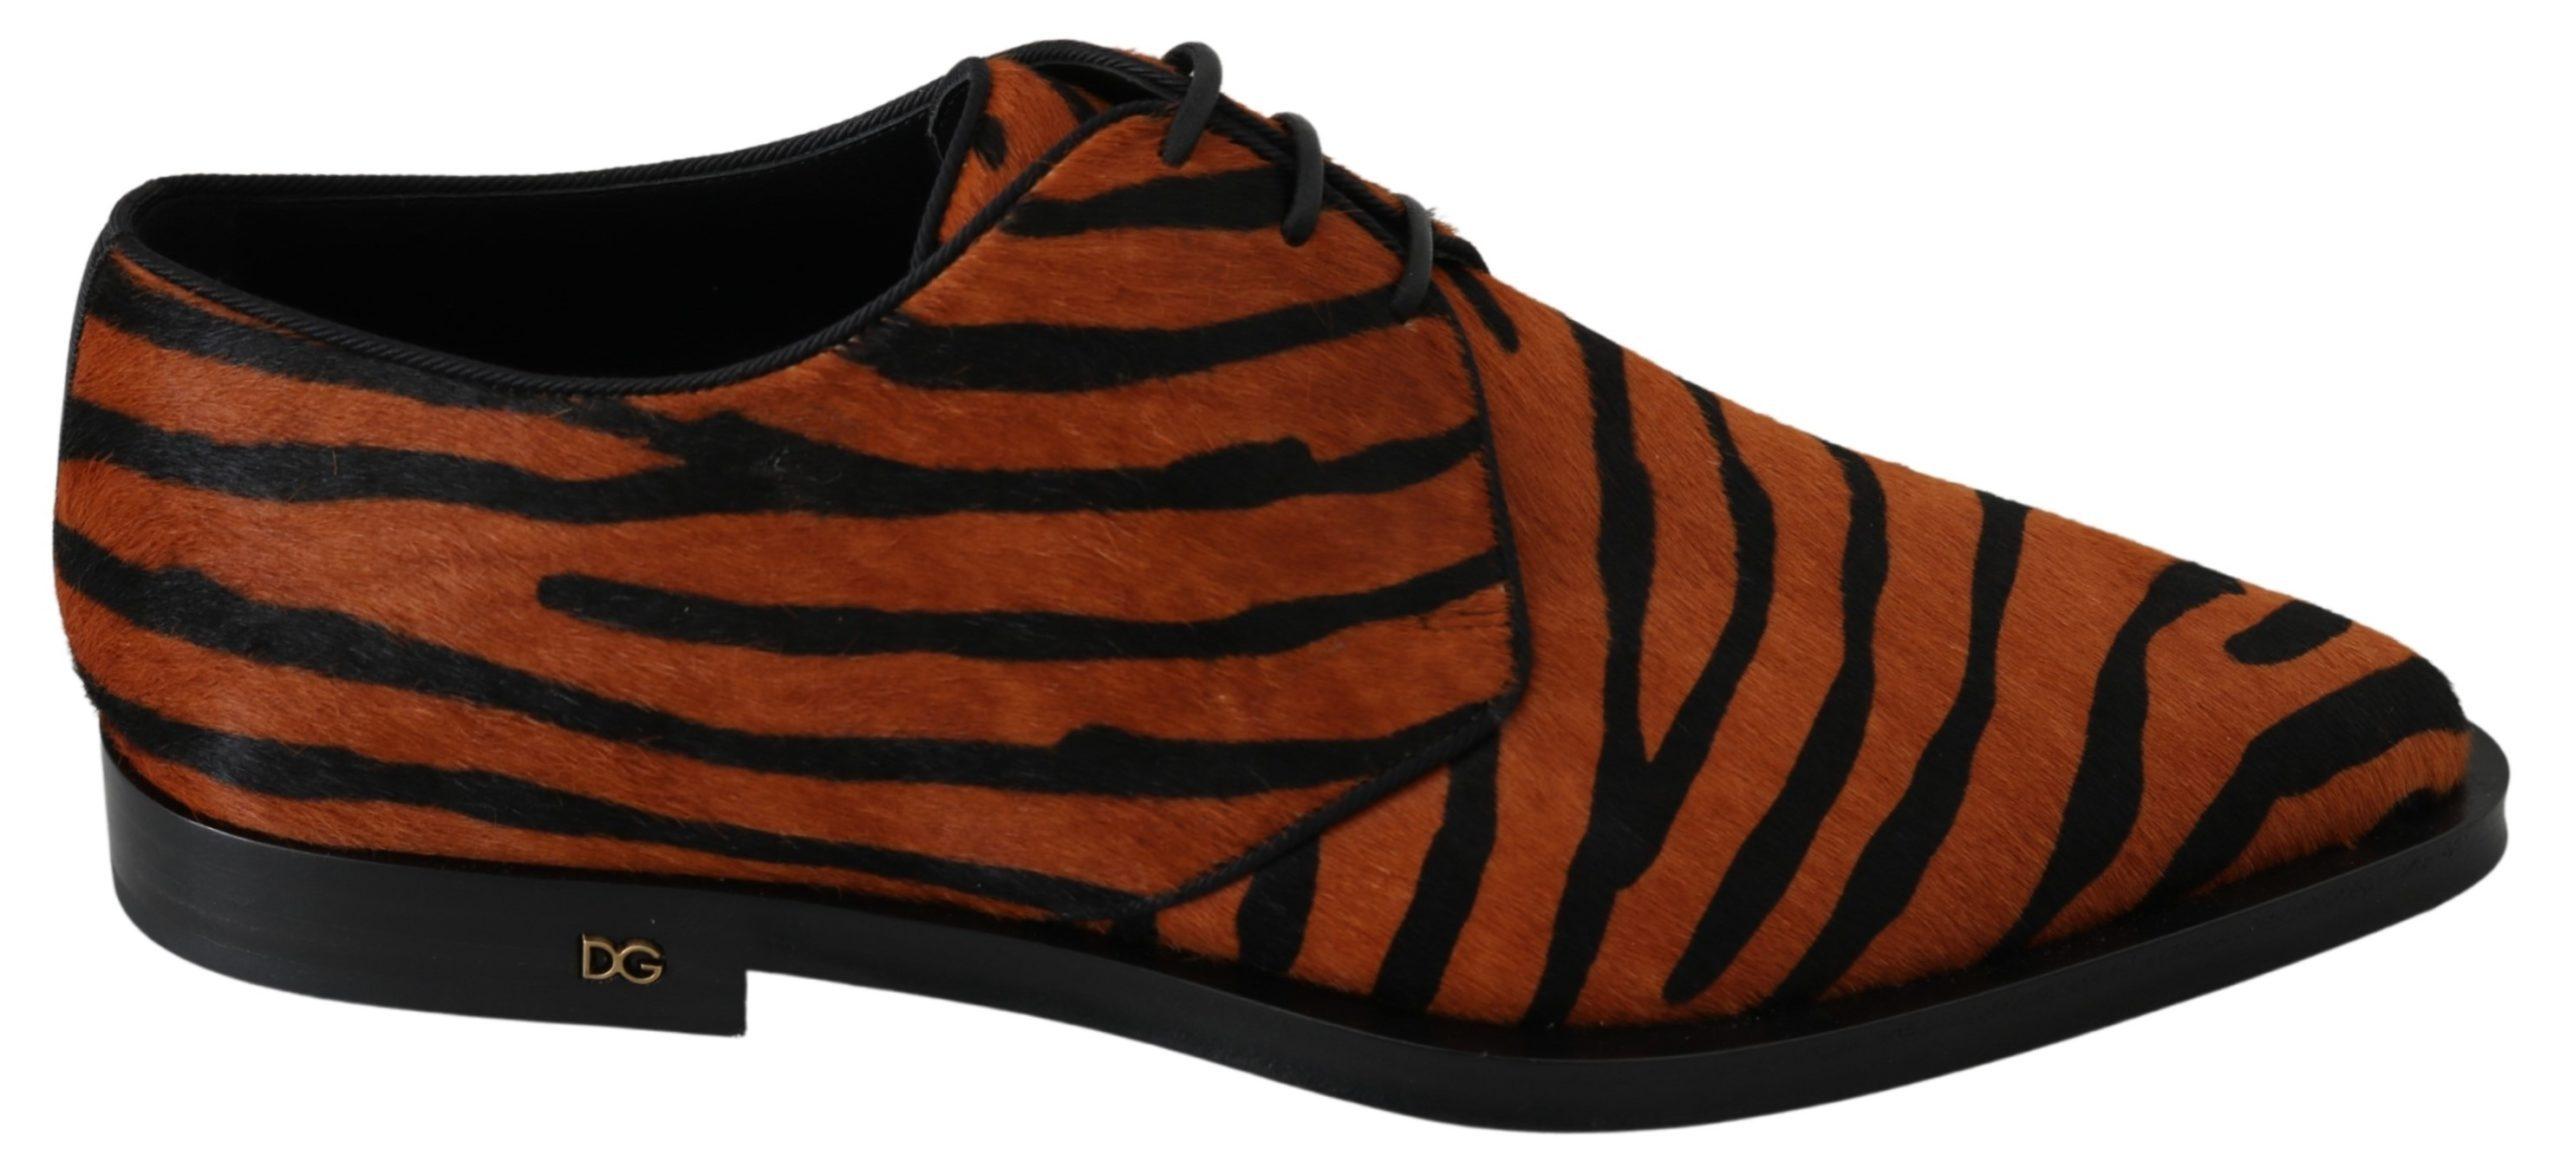 Orange Pony Hair Formal Dress Broque Shoes - EU39/US8.5